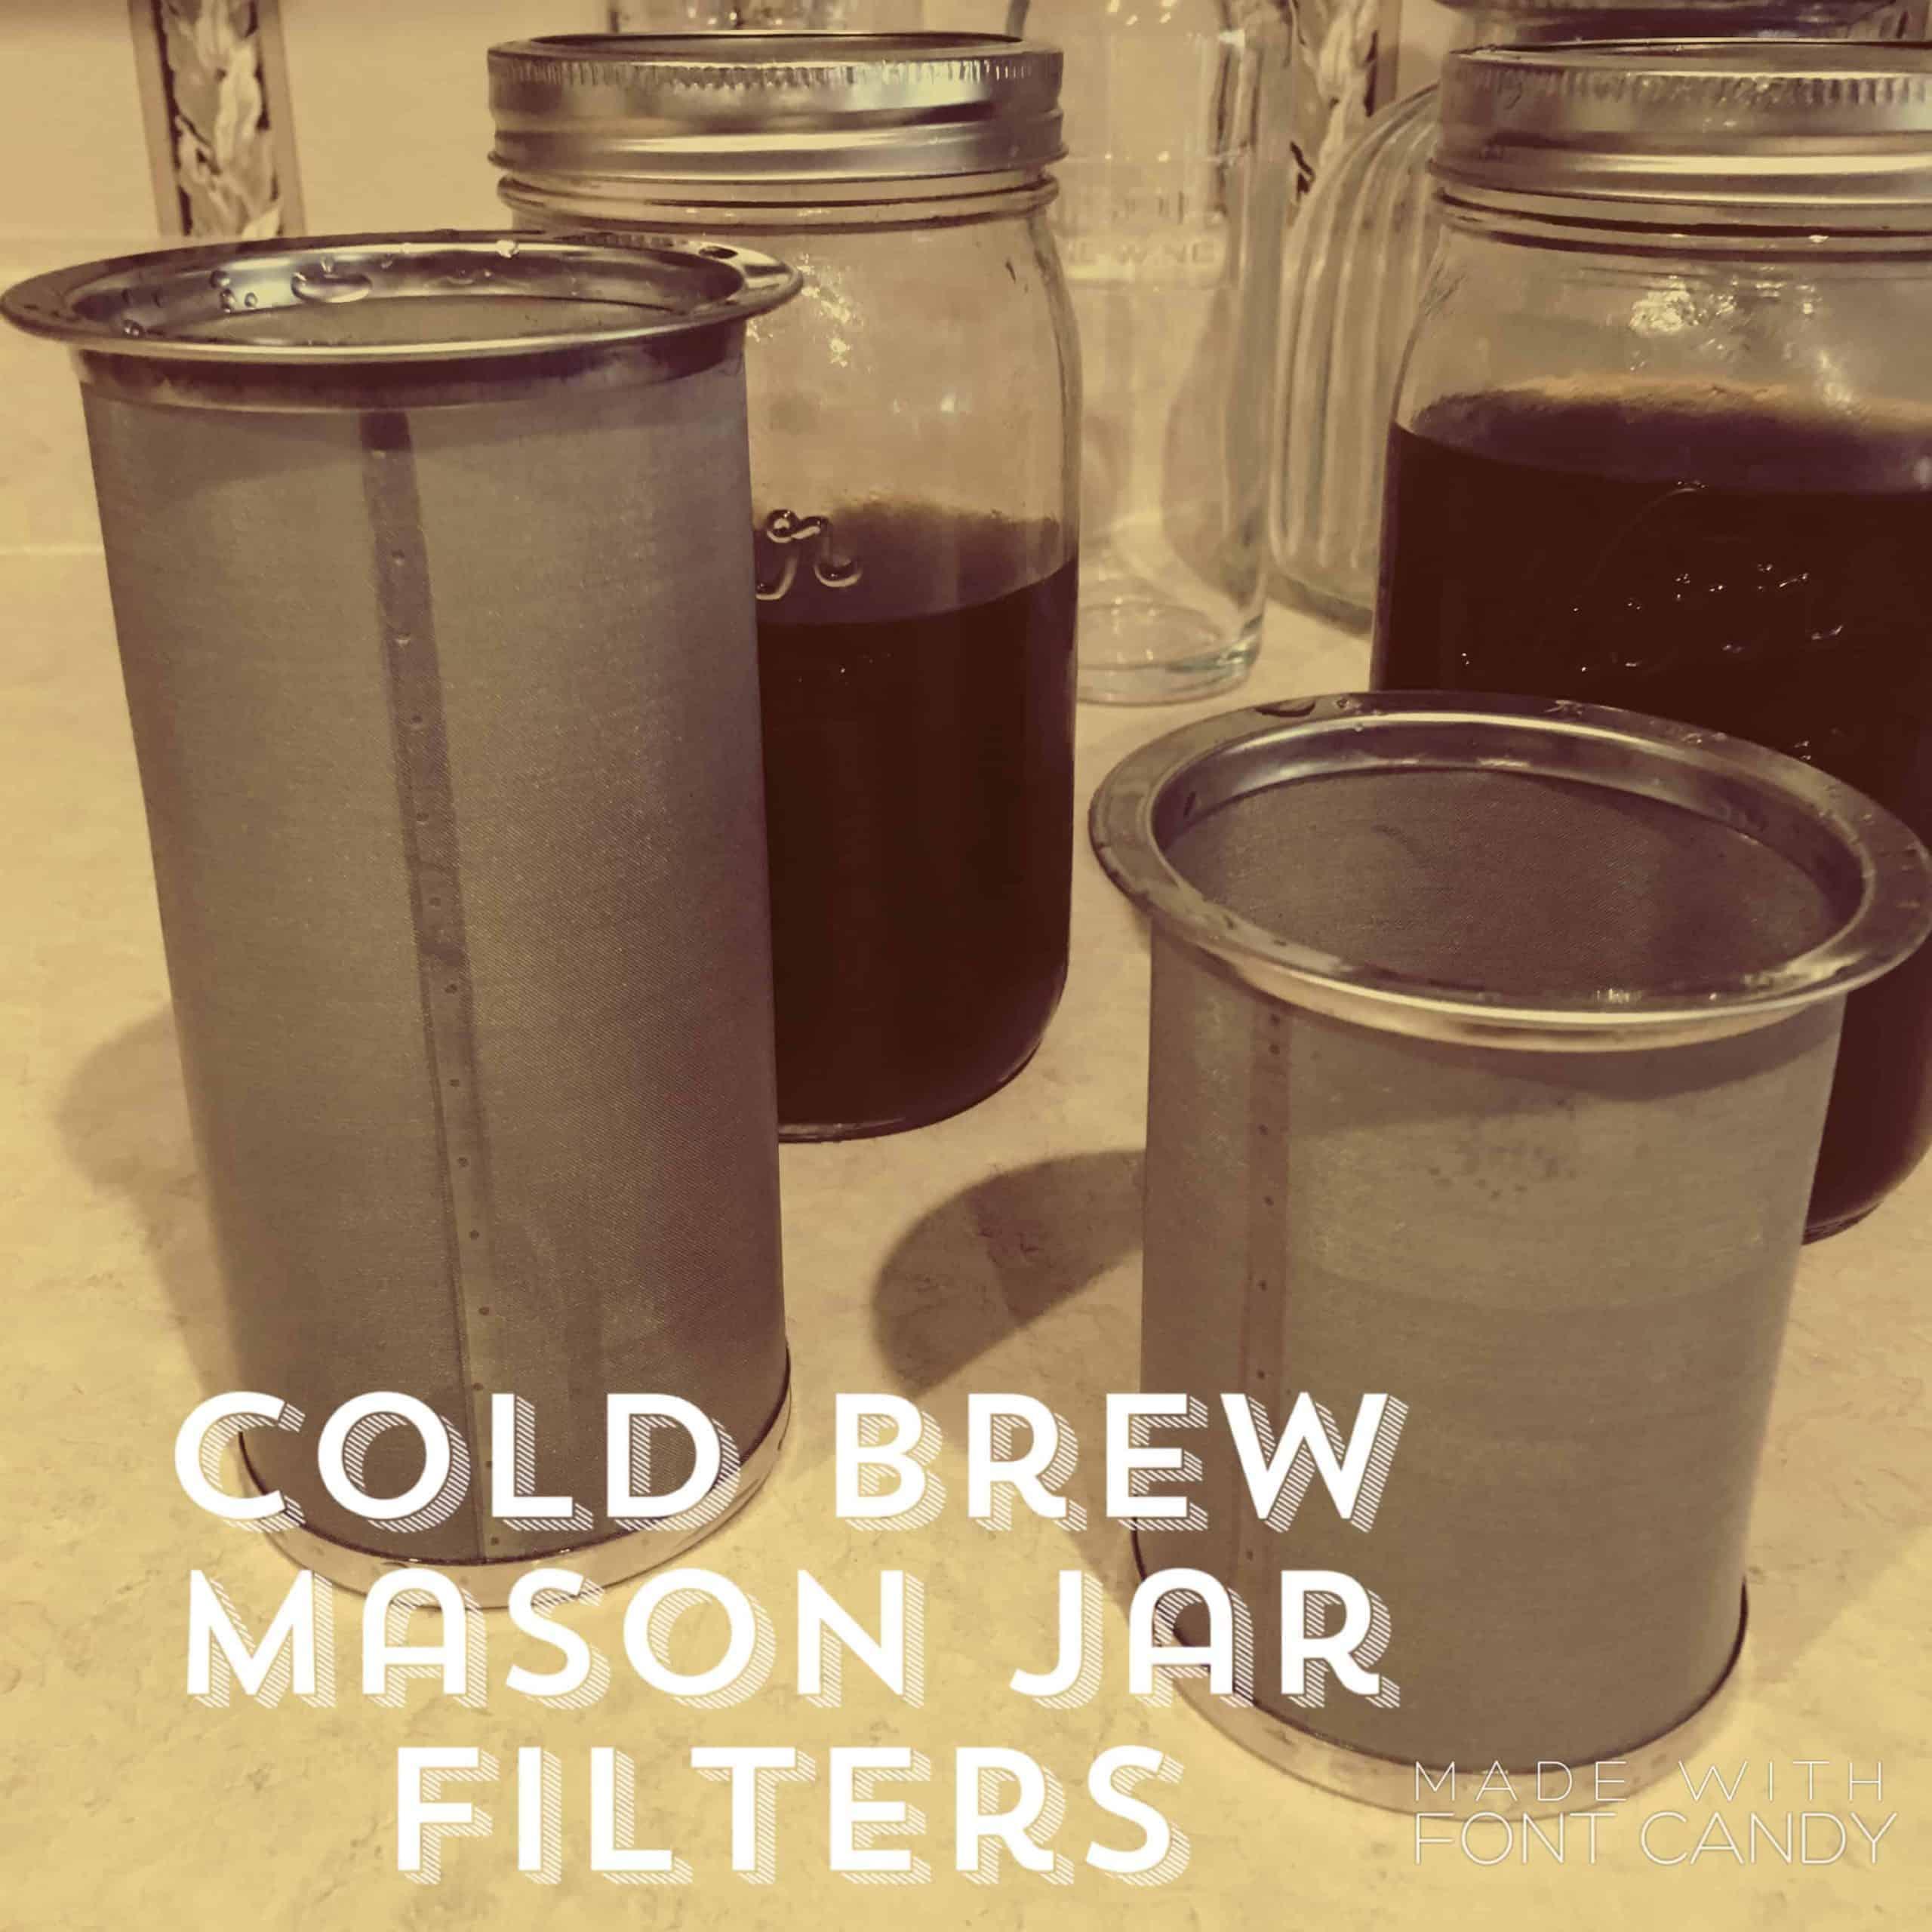 Cold brew Mason jar filters